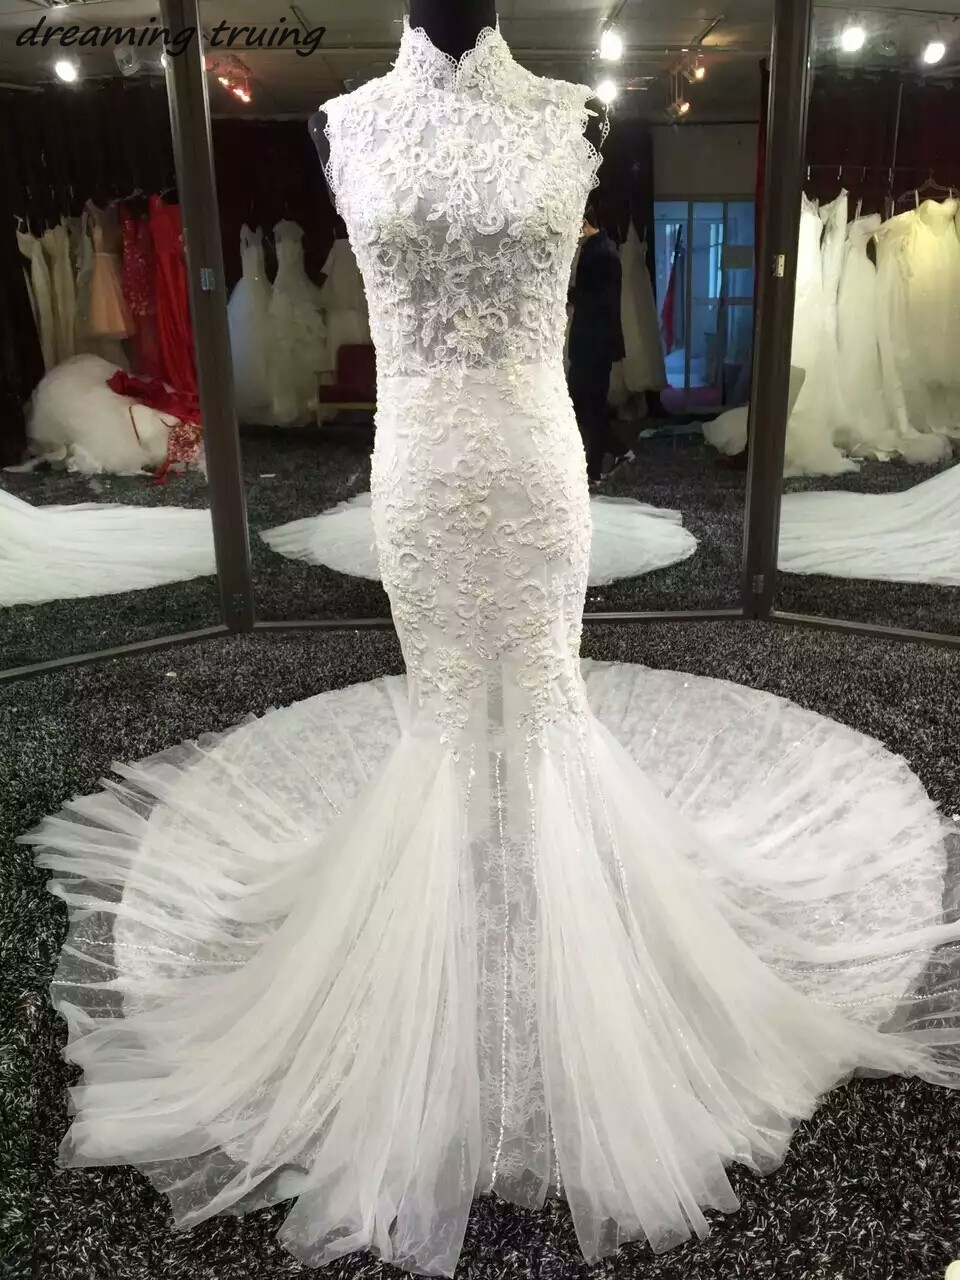 Dreamingtruing высокое качество Кружево Свадебные платья Русалочки высокое Средства уход ...